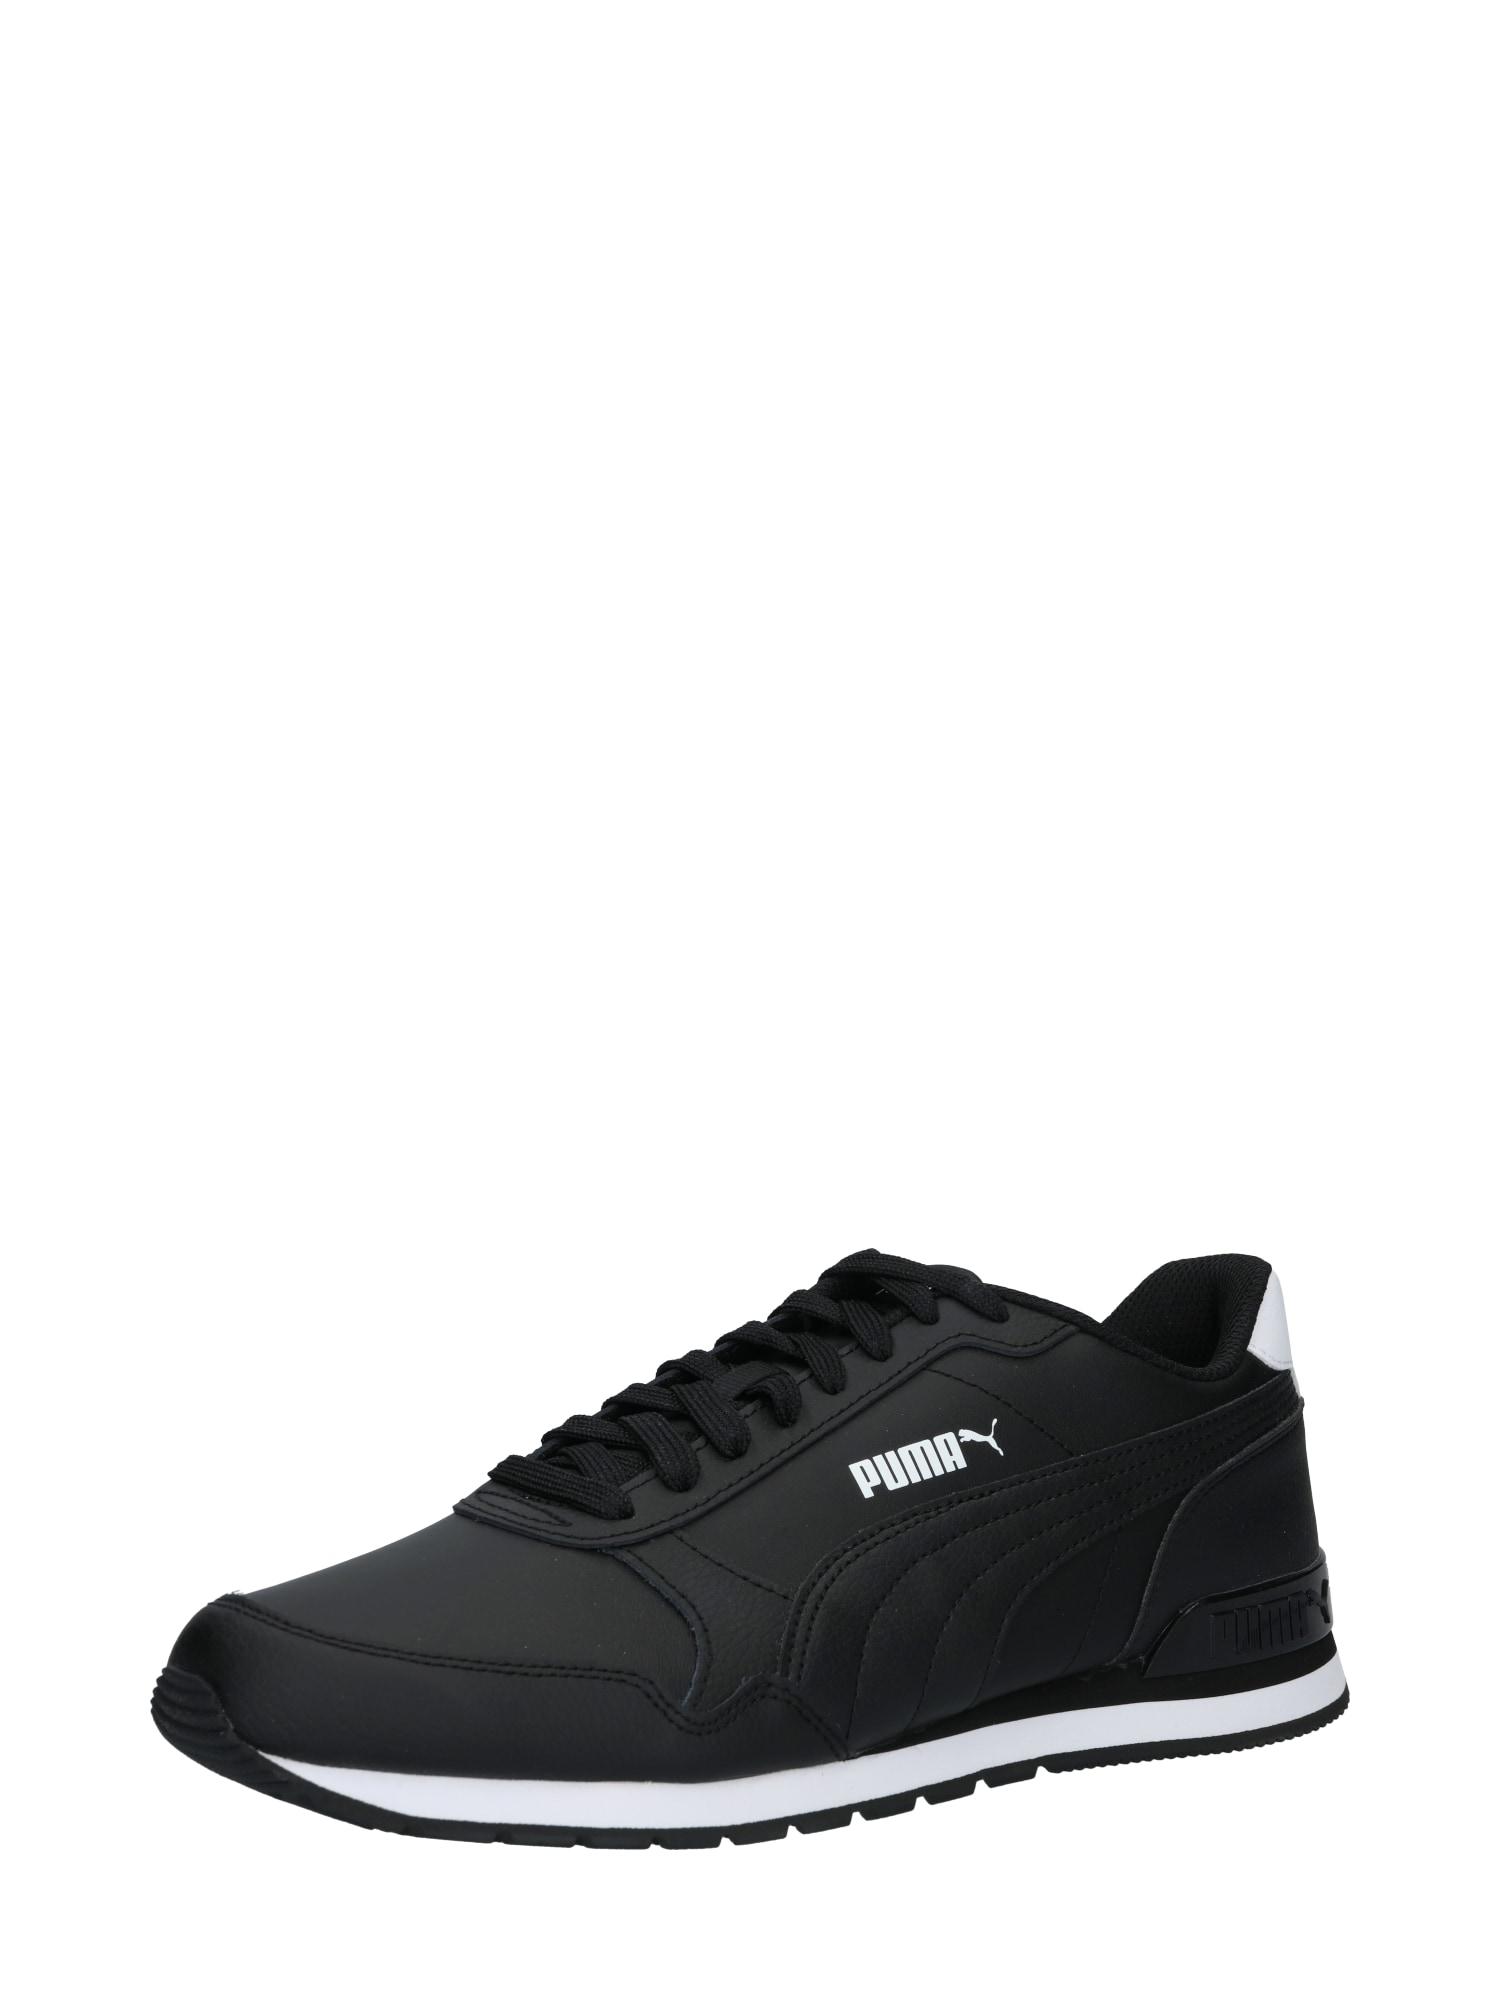 PUMA Sneaker bassa  nero / bianco male shop the look